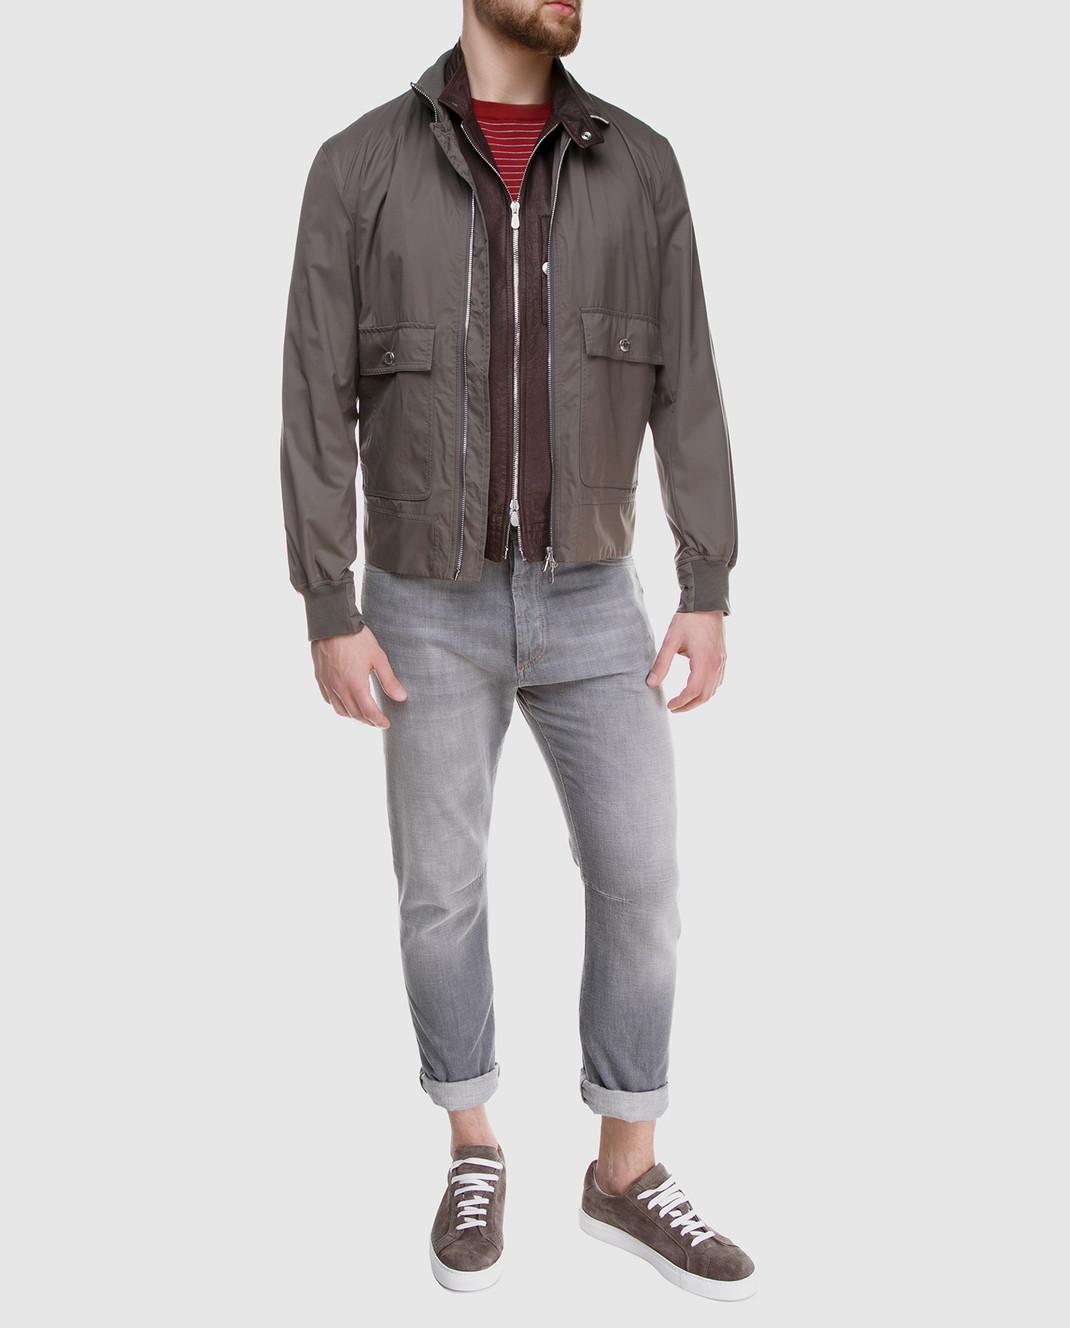 Brunello Cucinelli Коричневый кожаный жилет изображение 2